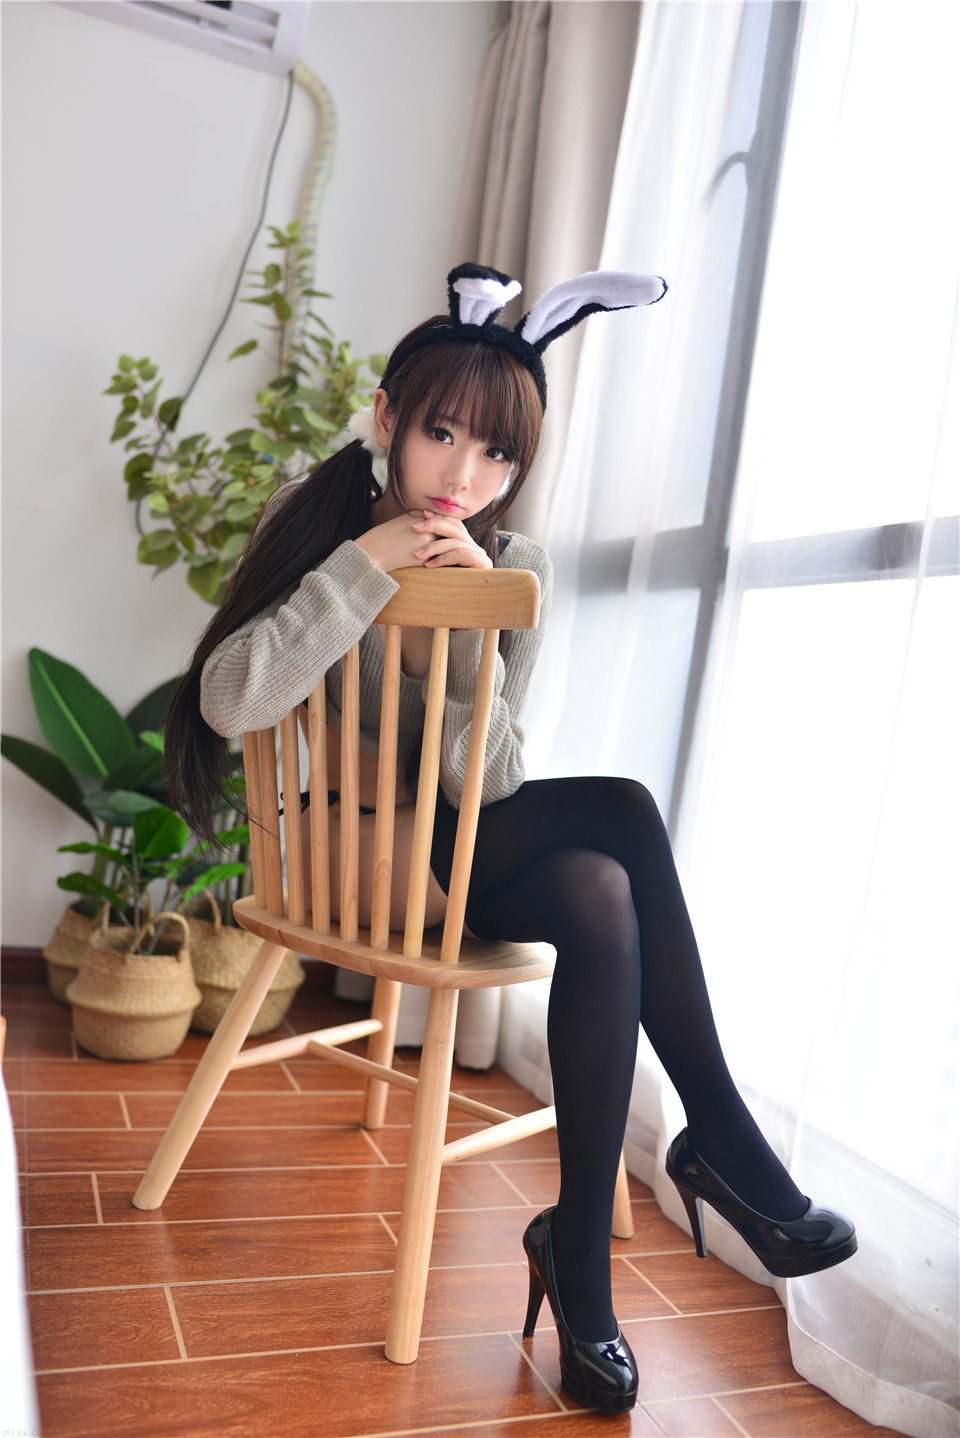 可爱美女 灰兔兔